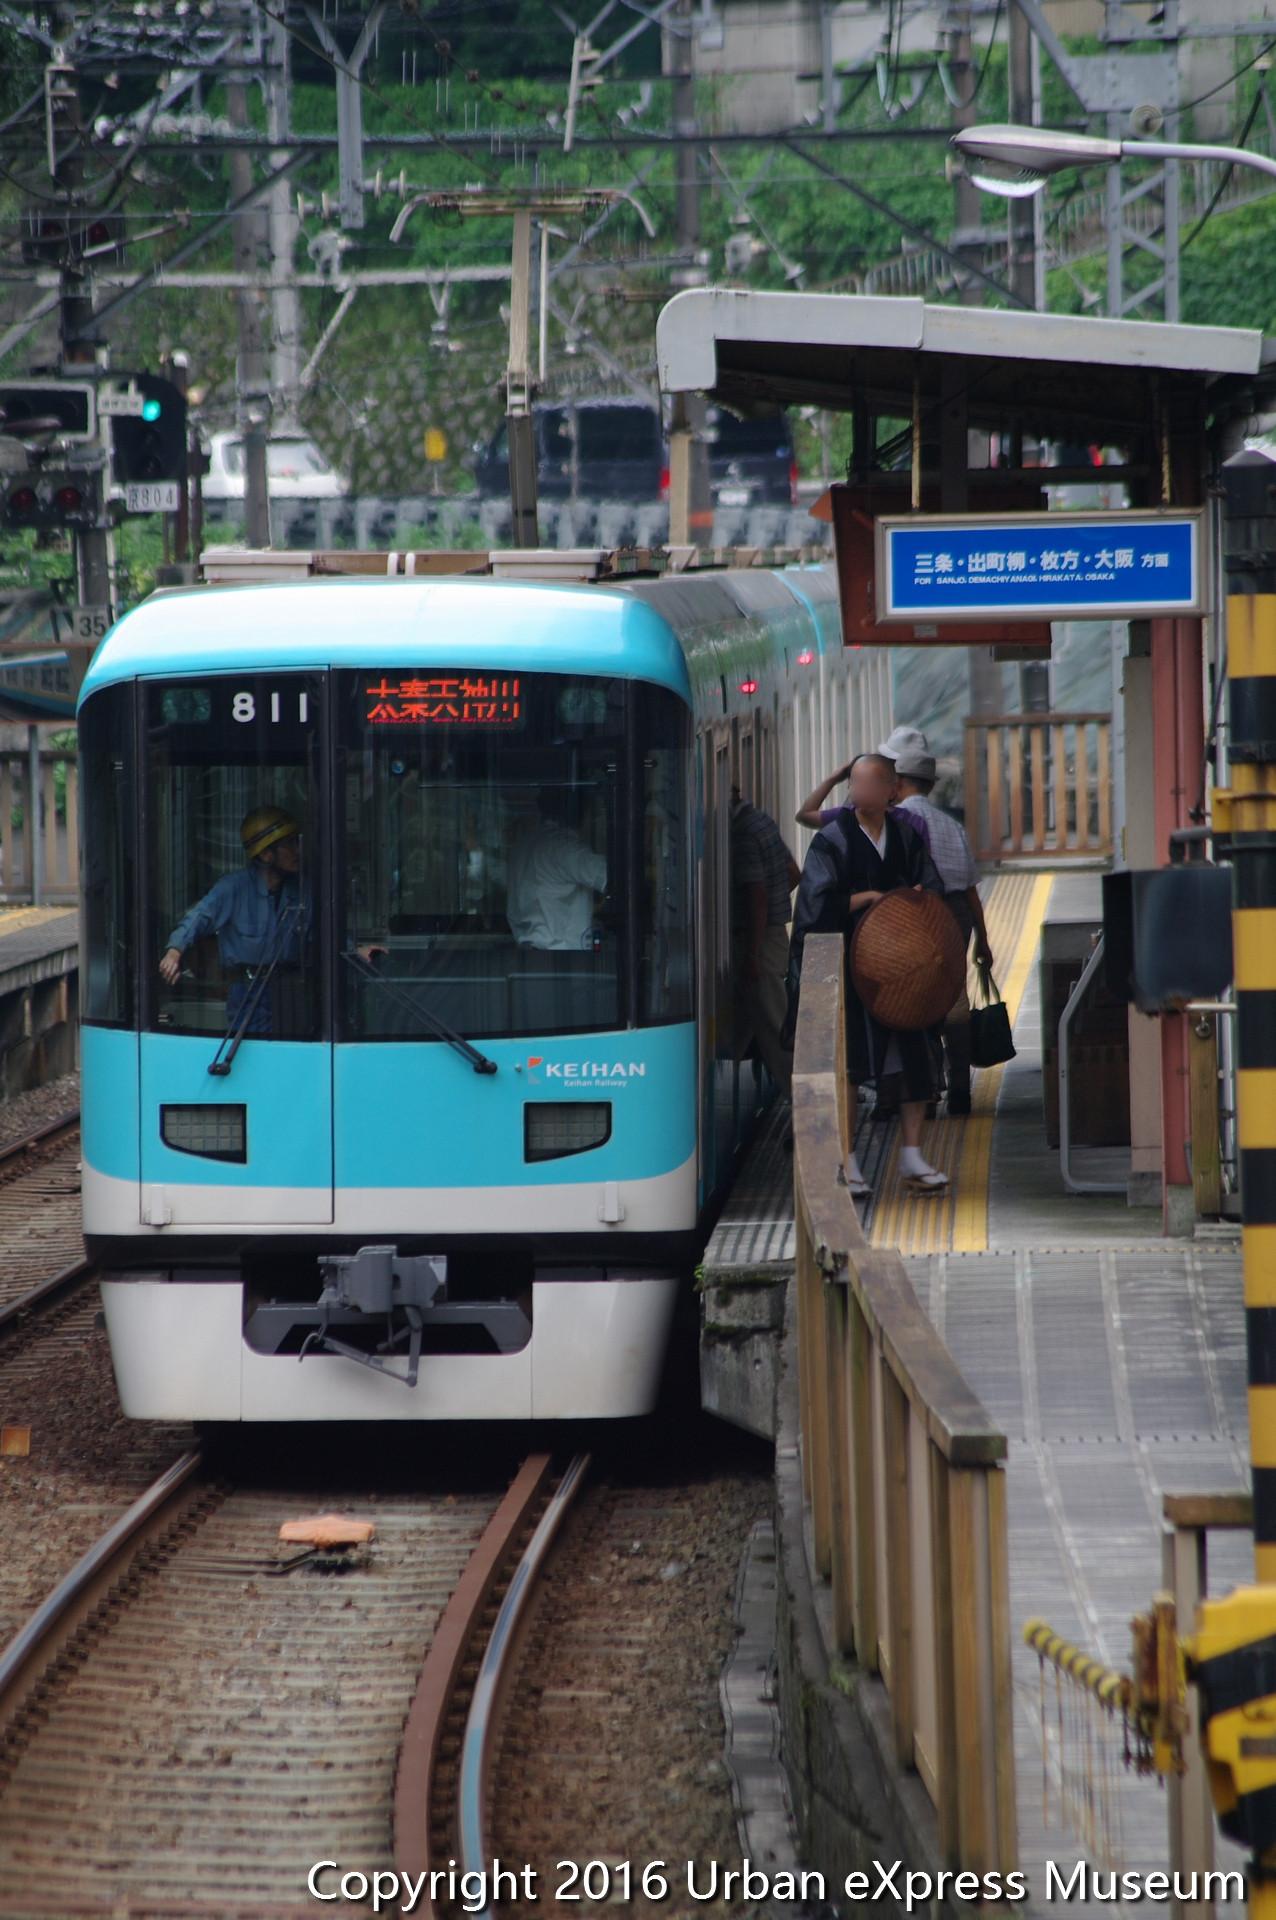 京阪800系 - 京津線の乗客 - Urban eXpress Museum